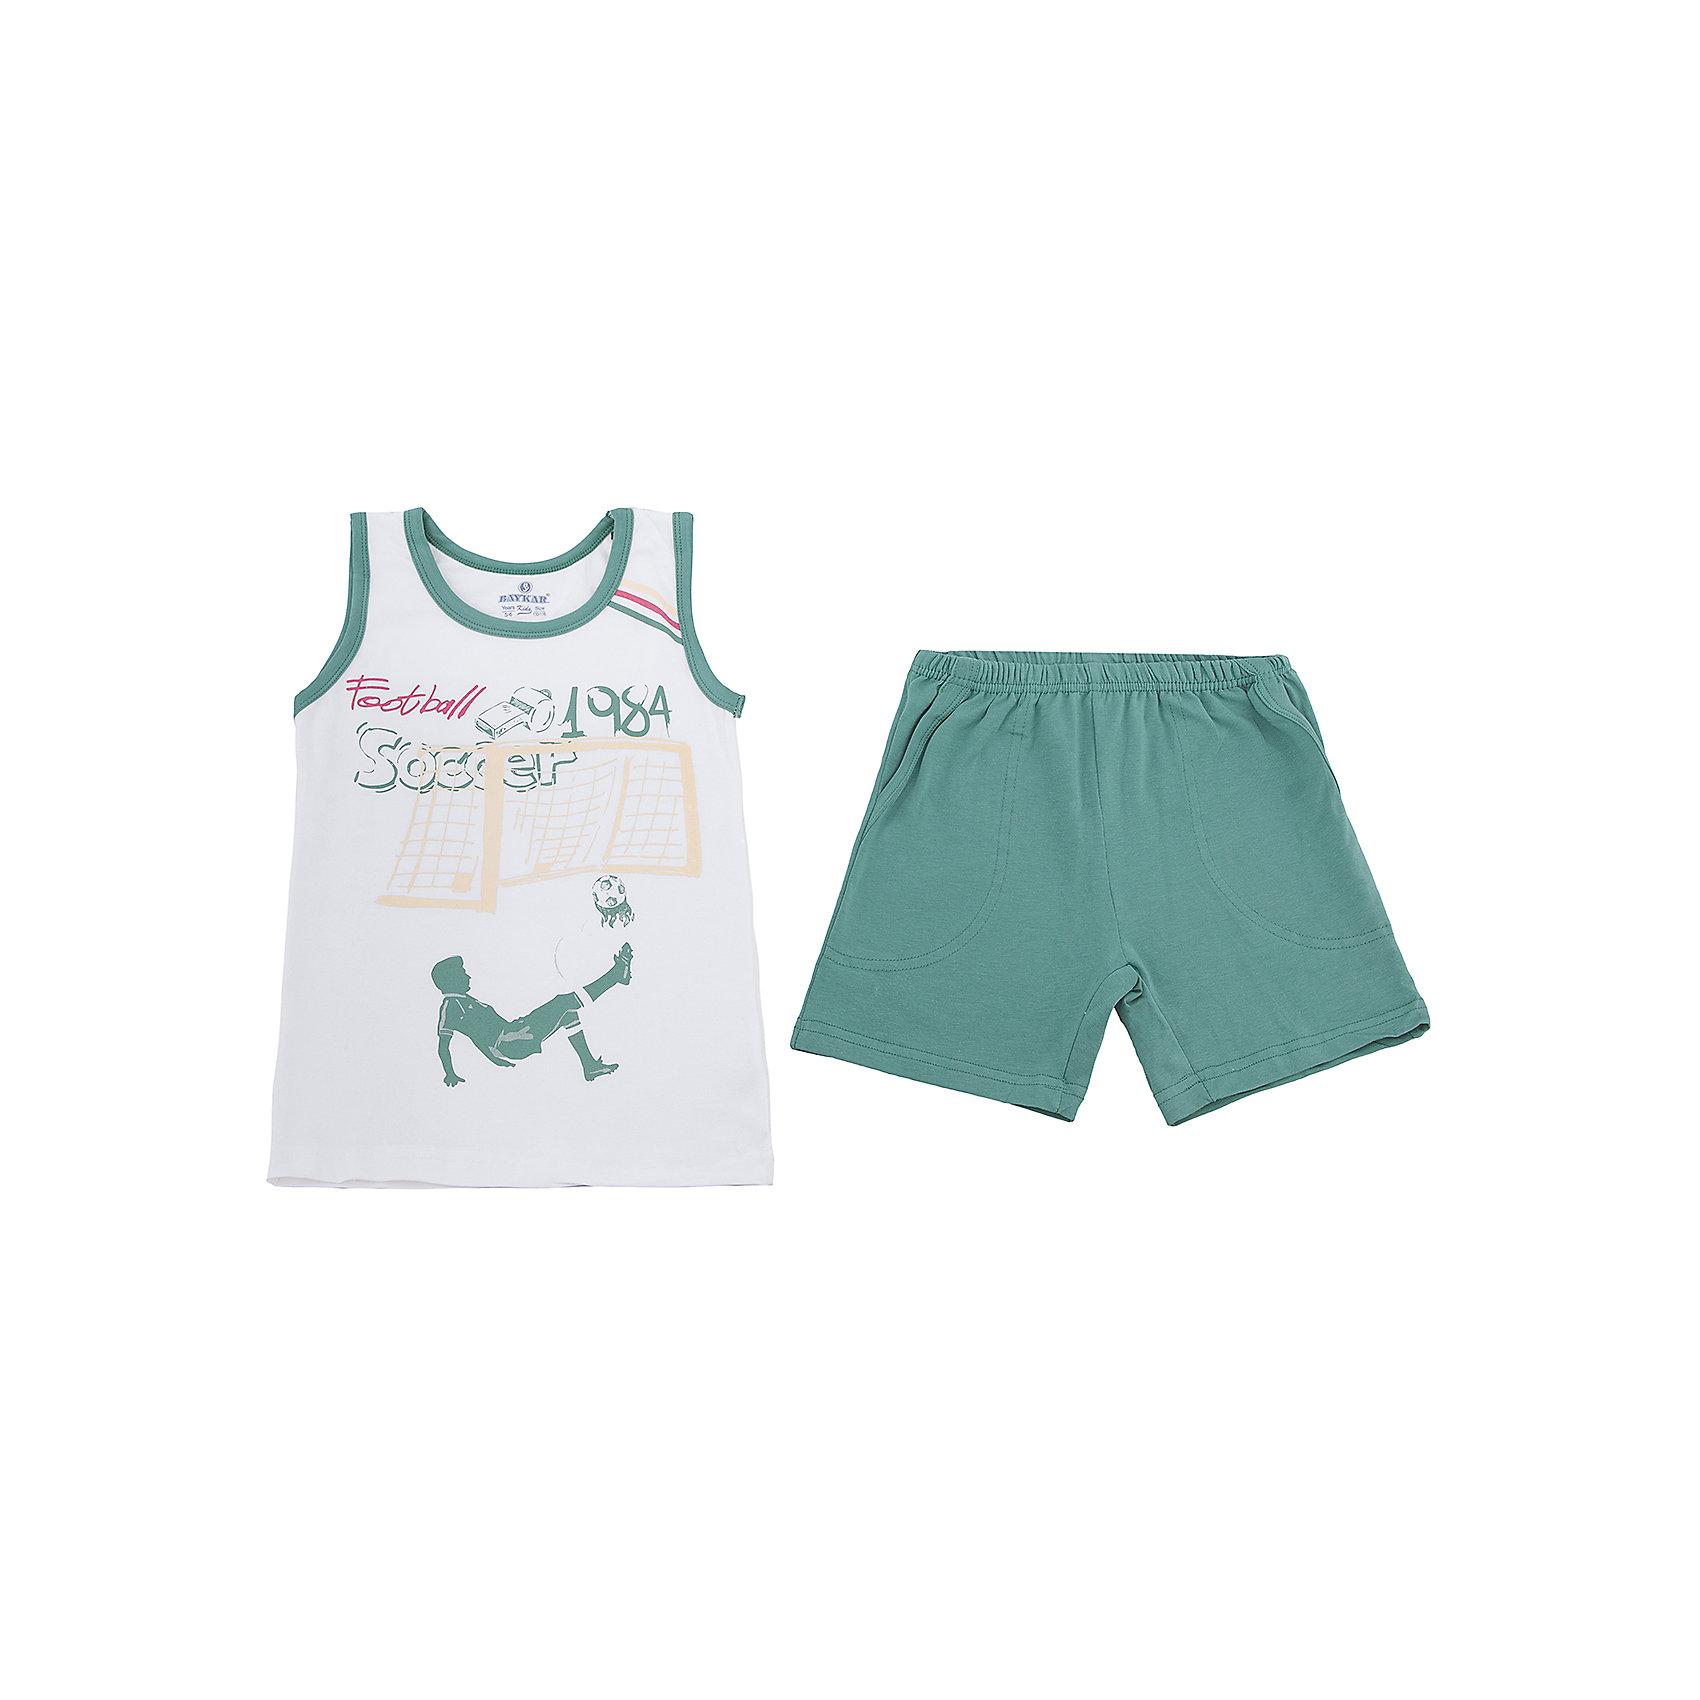 Пижама для мальчика BaykarПижамы и сорочки<br>Характеристики товара:<br><br>• цвет: белый<br>• состав ткани: 95% хлопок; 5% эластан<br>• комплектация: майка, шорты<br>• пояс шорт: резинка<br>• сезон: круглый год<br>• страна бренда: Турция<br>• страна изготовитель: Турция<br><br>Удобная пижама для мальчика Baykar украшена симпатичным принтом. Этот комплект для сна из майки и шорт сделан из мягкого дышащего материала. <br><br>Продуманный крой обеспечивает комфортную посадку. Качественная пижама для мальчика позволяет обеспечить комфортный сон.<br><br>Пижаму для мальчика Baykar (Байкар) можно купить в нашем интернет-магазине.<br><br>Ширина мм: 281<br>Глубина мм: 70<br>Высота мм: 188<br>Вес г: 295<br>Цвет: белый<br>Возраст от месяцев: 72<br>Возраст до месяцев: 84<br>Пол: Мужской<br>Возраст: Детский<br>Размер: 116/122,98/104,104/110,110/116<br>SKU: 6764911